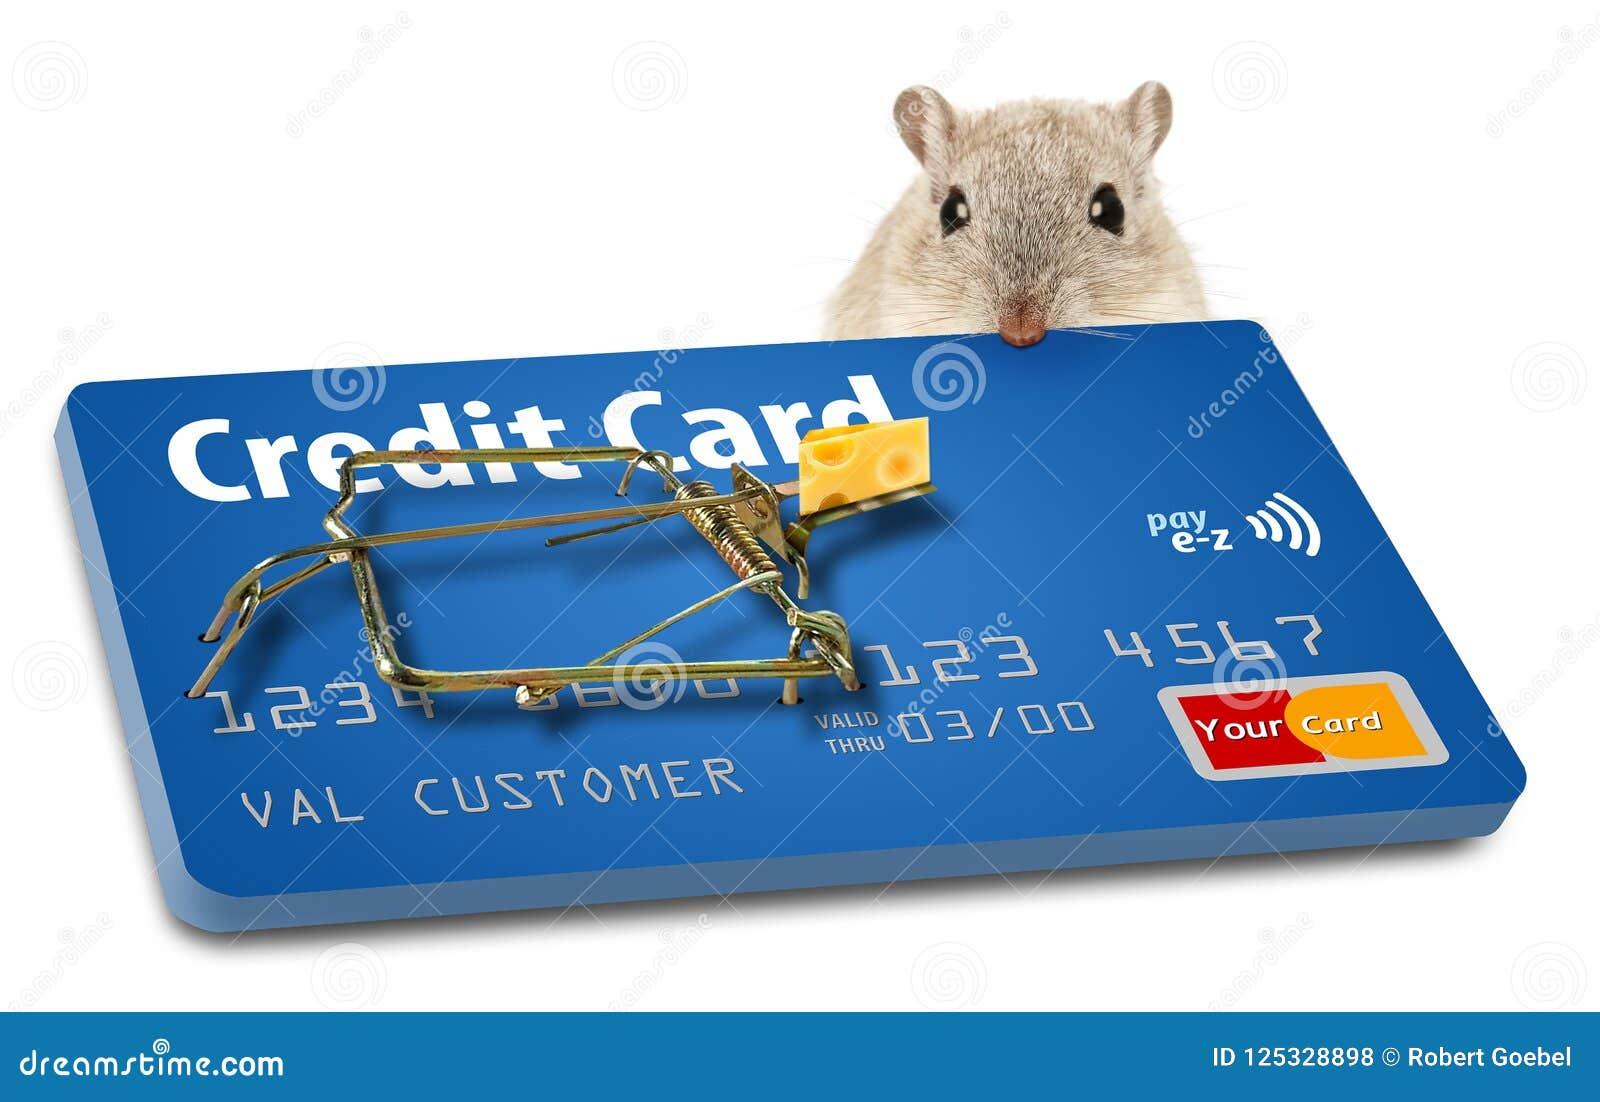 Undvik kreditkortfällor En agnad råttfälla gör denna punkt